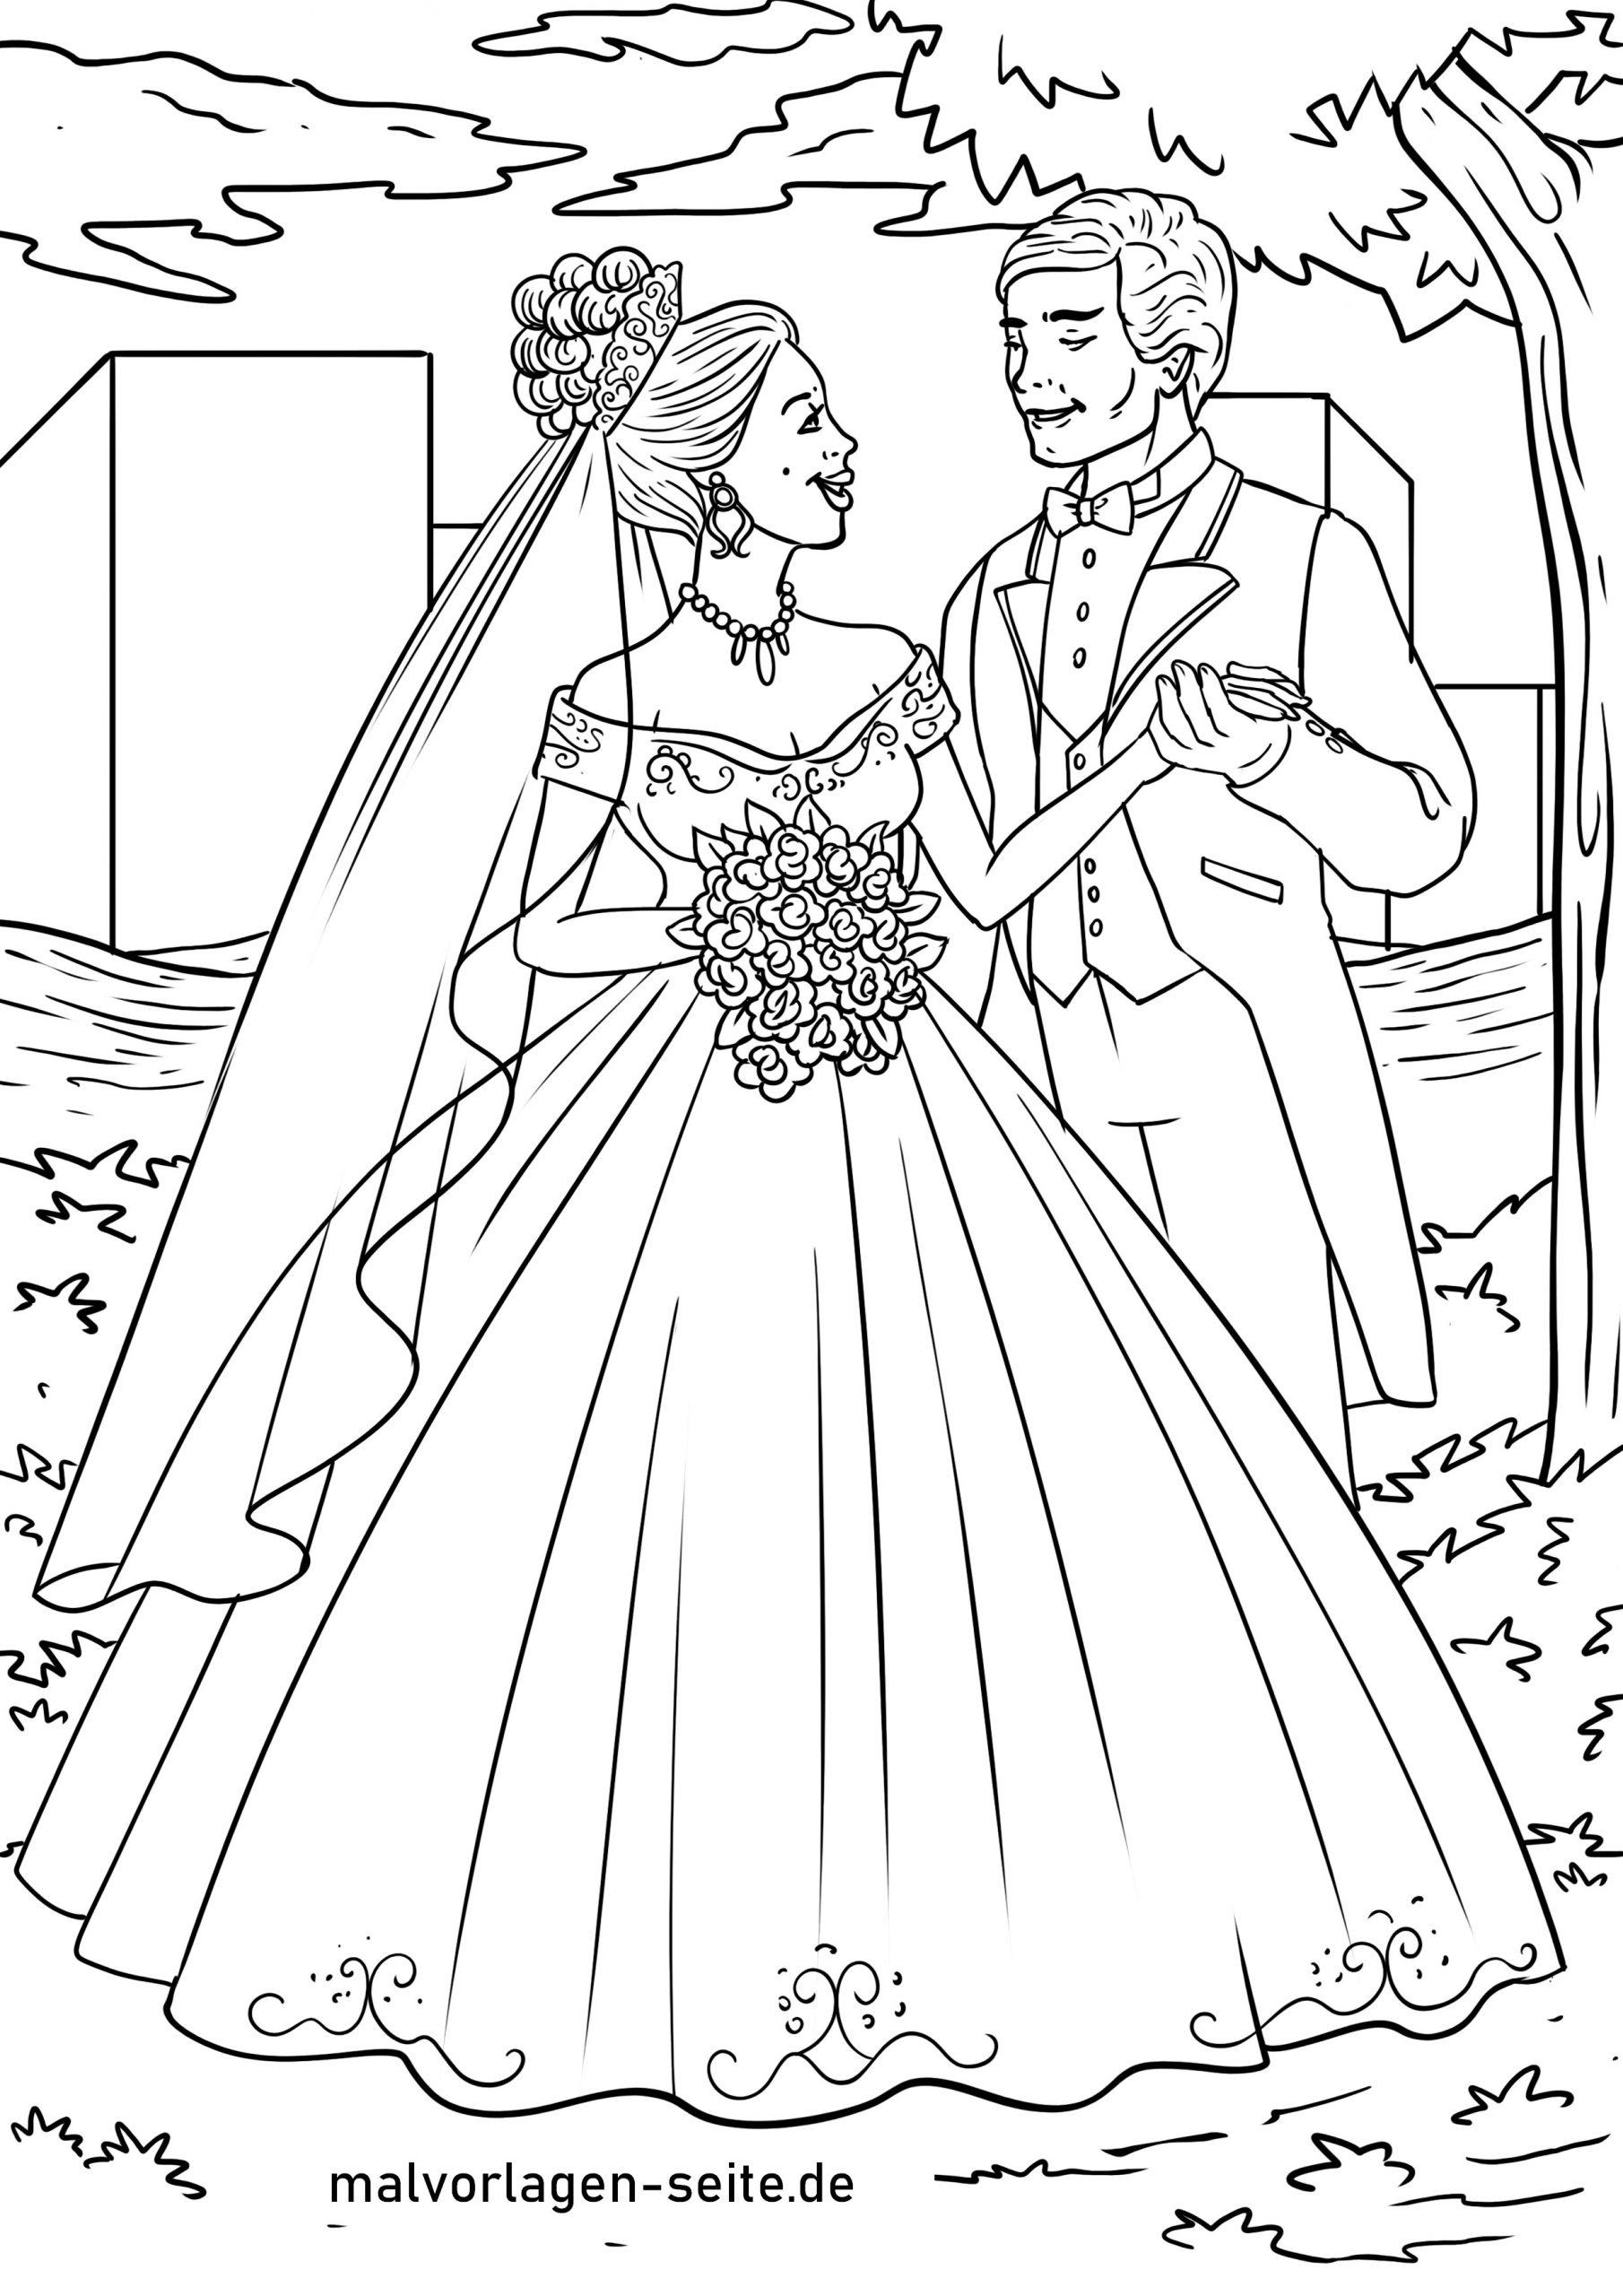 Malvorlage Hochzeit Brautpaar - Ausmalbilder Kostenlos mit Hochzeitsbilder Zum Ausmalen